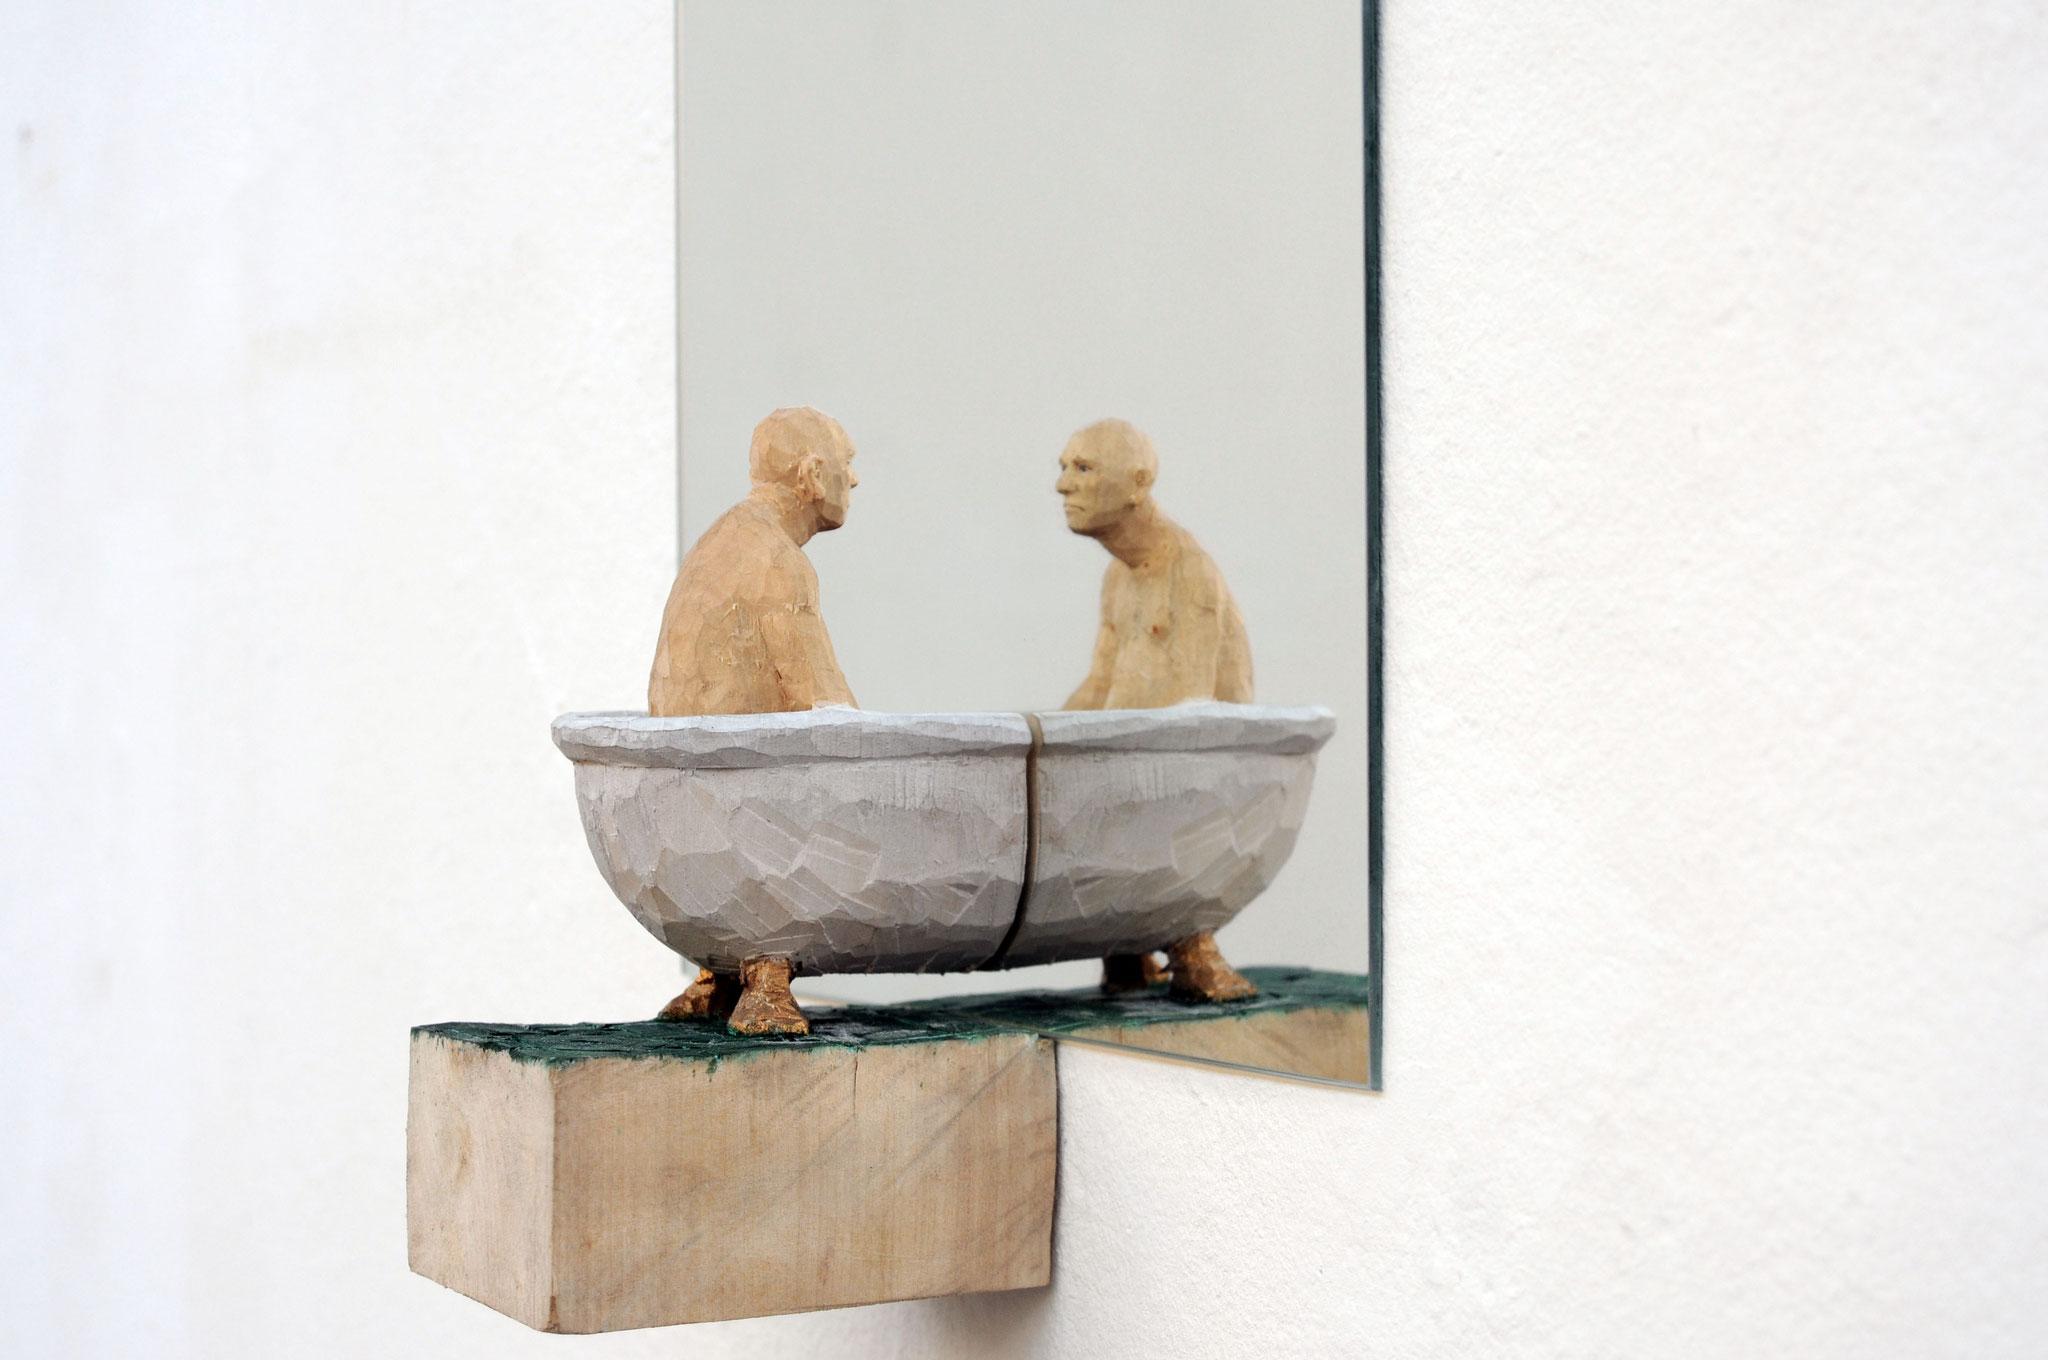 Spiegelbild 5 - Mann in Wanne, Lindenholz bemalt, Spiegel, 2017, Privatbesitz